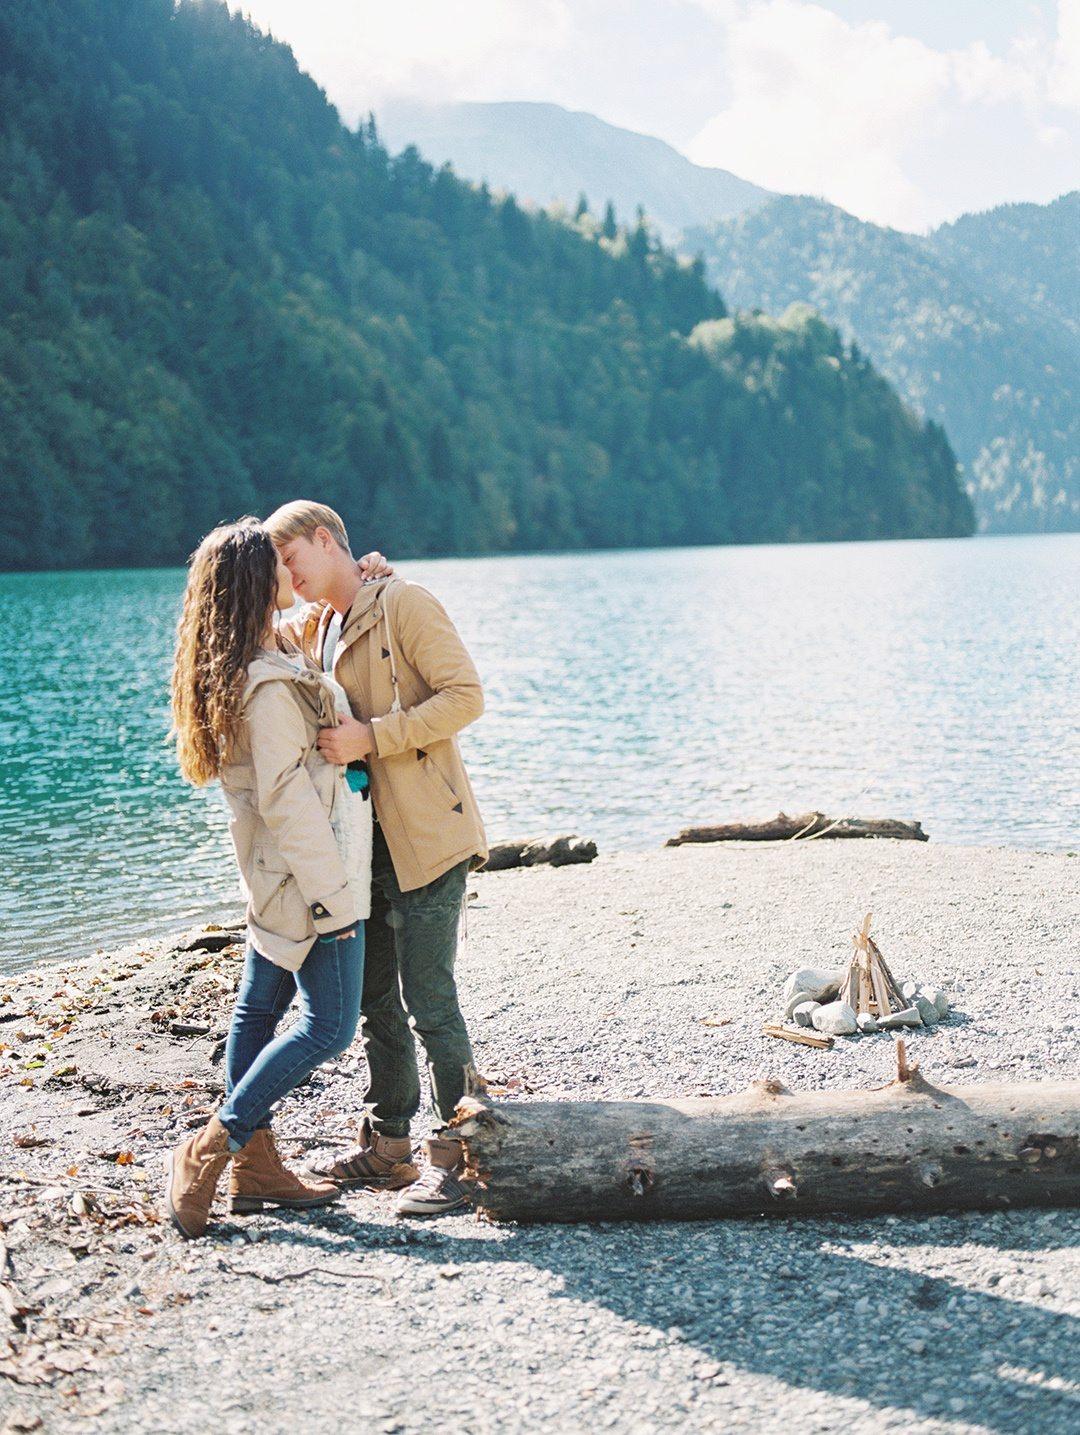 Lake Ritsa Engagement Session: стилизованная фотосессия